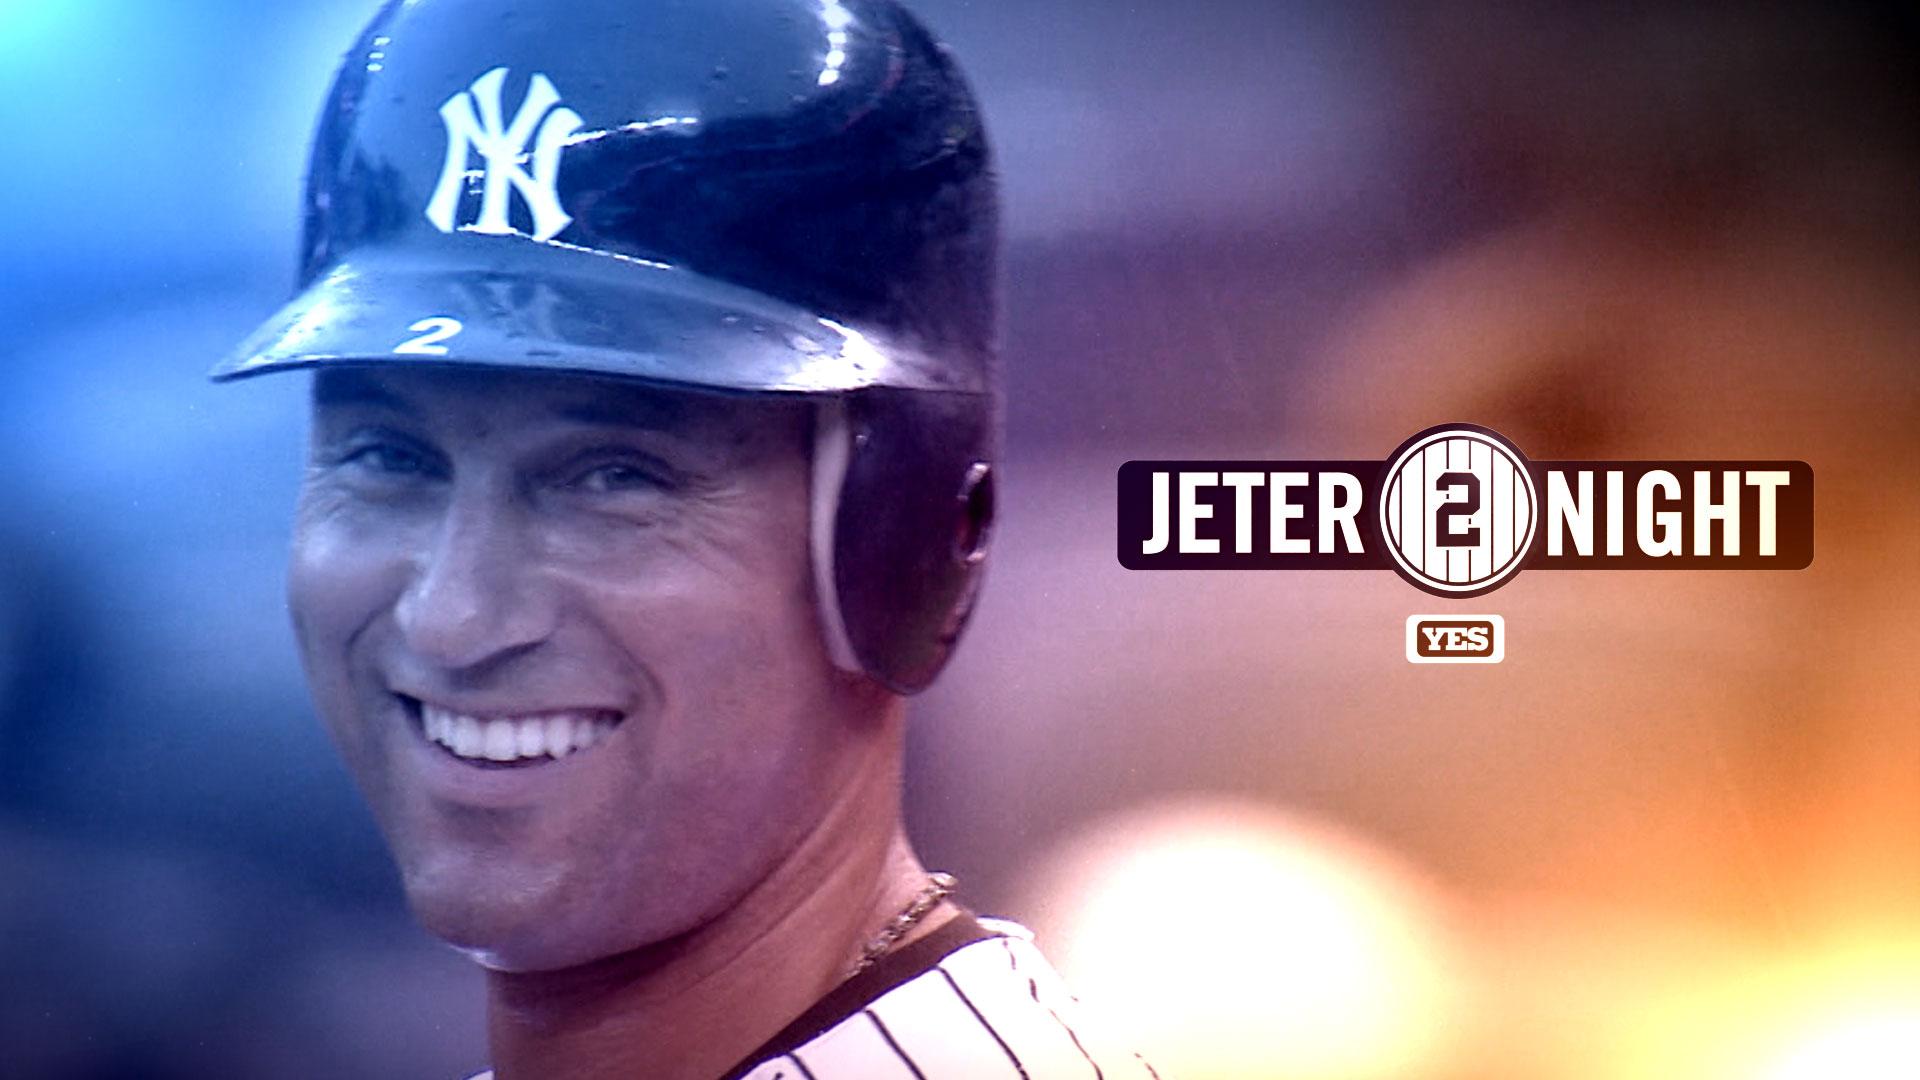 Jeter_Week_Teaser_ID_03 (00045).jpg